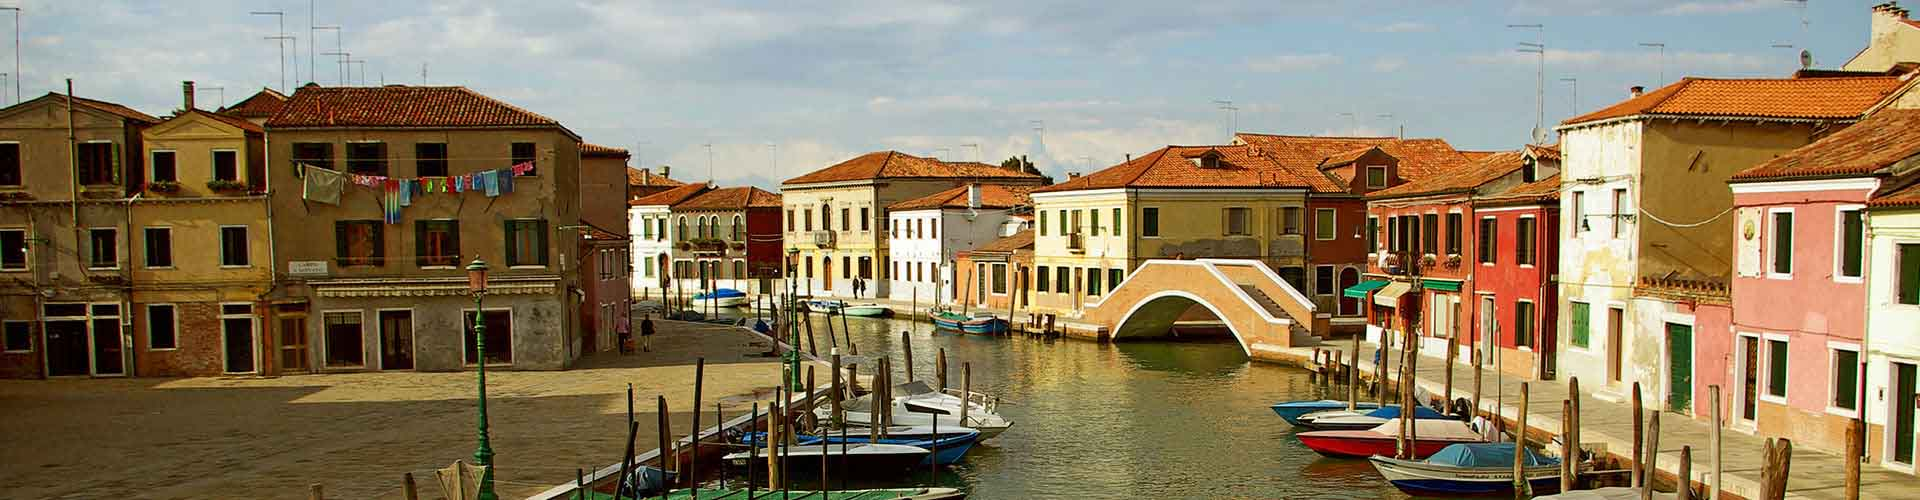 Venice Mestre - Auberges de jeunesse dans le quartier de Quartier Carpenedo Bissuola. Cartes pour Venice Mestre, photos et commentaires pour chaque auberge de jeunesse à Venice Mestre.